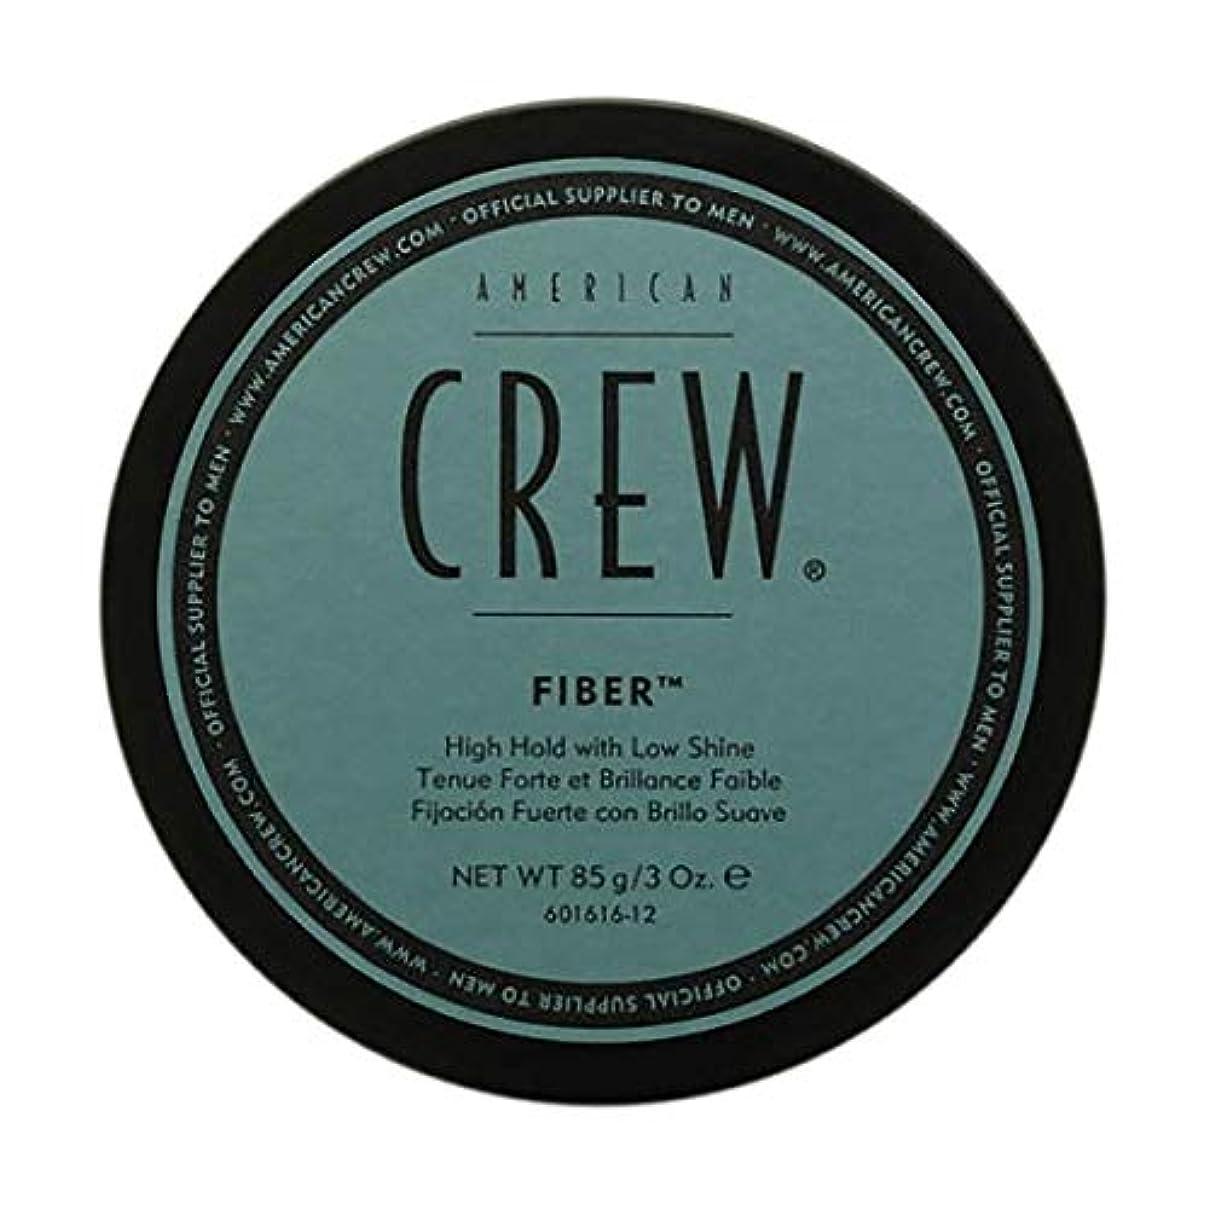 プレフィックス処方ポーンアメリカンクルー クラシック ファイバー American Crew Fiber 85g [並行輸入品]